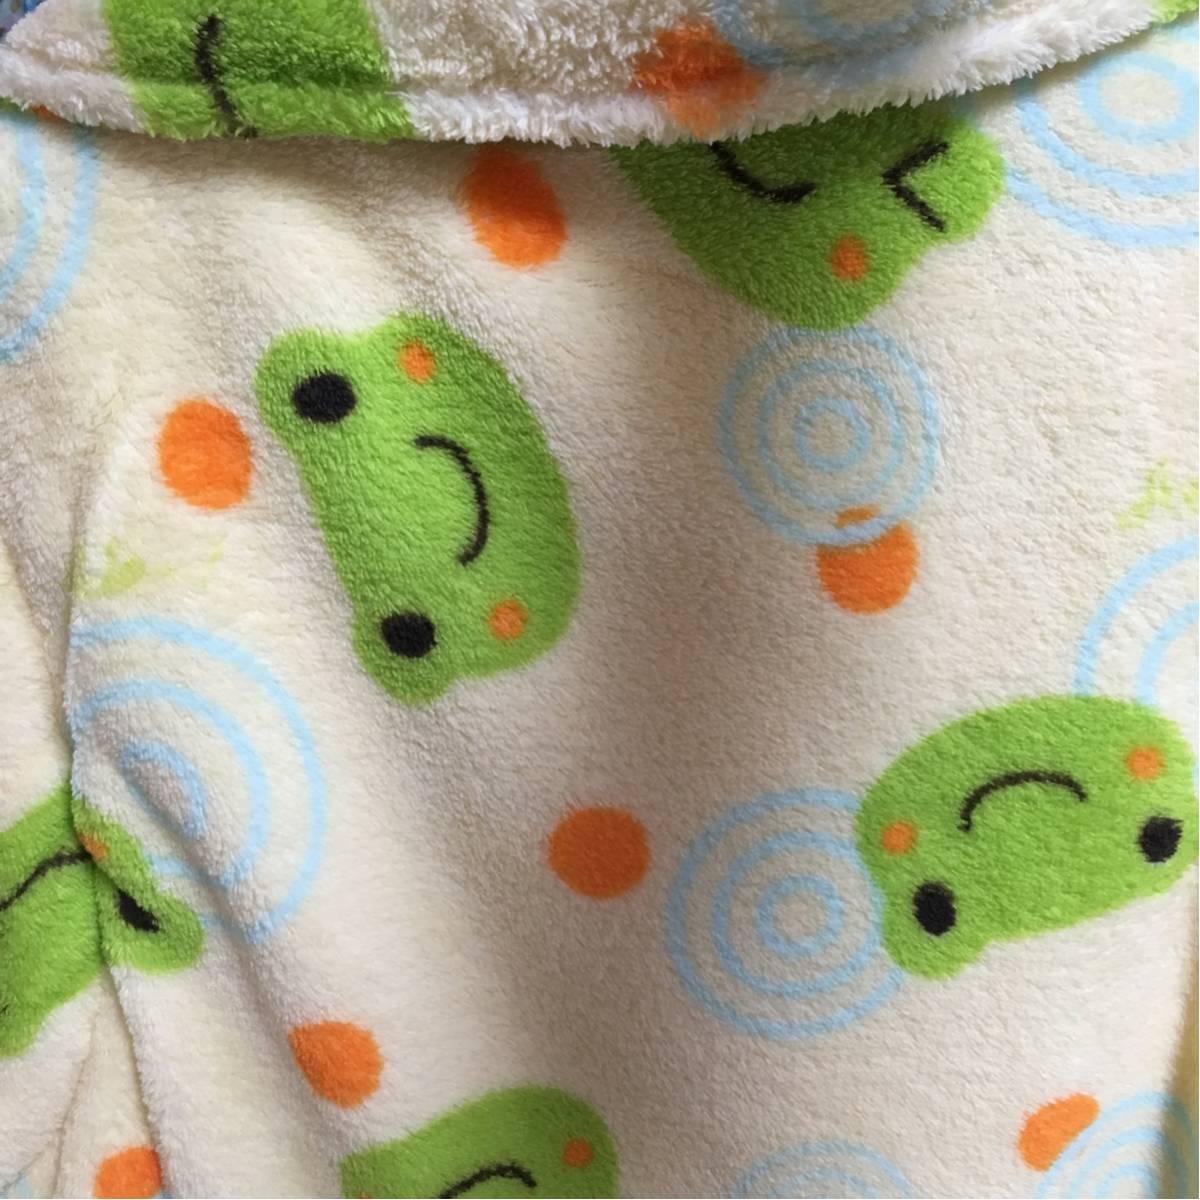 新品 カエル チョッキ レディース 可愛い 羽織 幼稚園先生に M から L レア_画像3